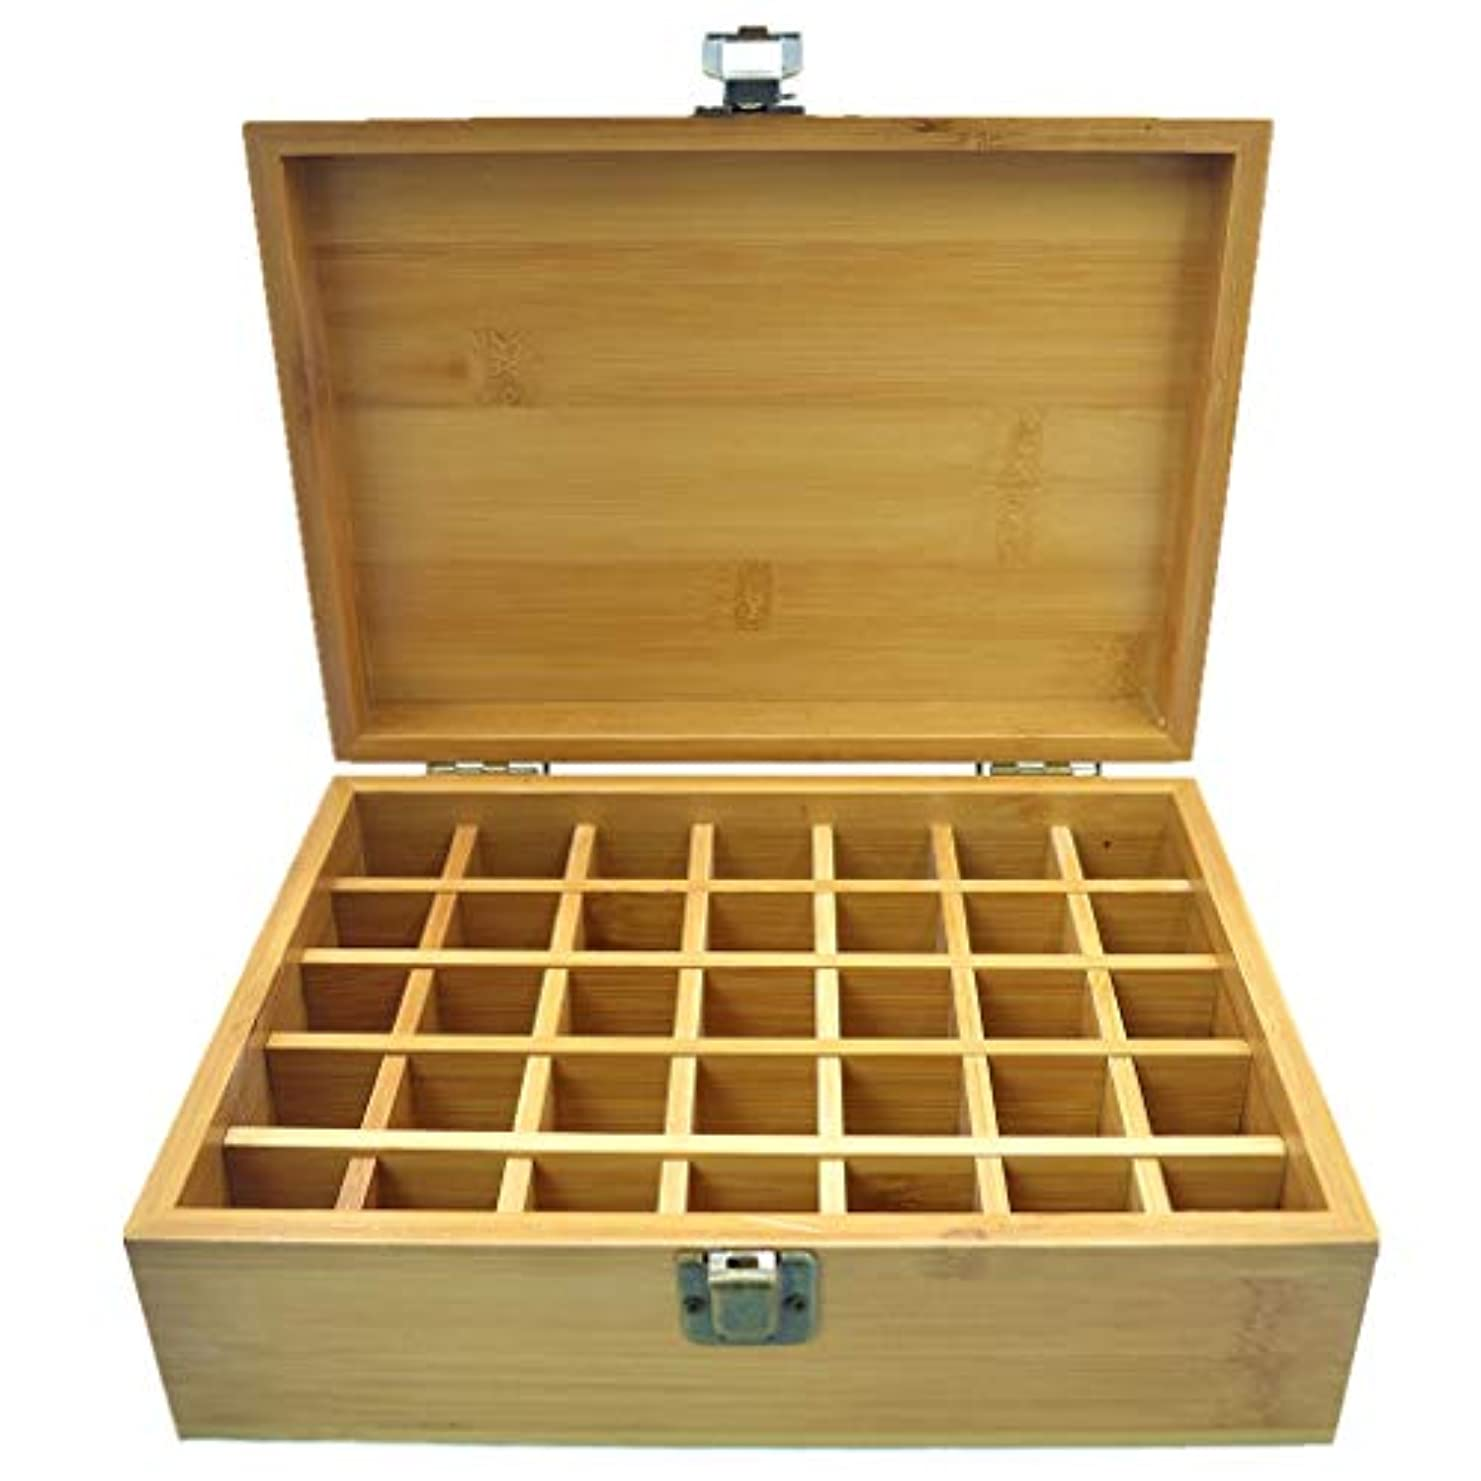 アウター技術的なプロテスタントPhantomSky エッセンシャルオイル収納ボックス 35本用 竹製エッセンシャルオイルボックス メイクポーチ 精油収納ケース 携帯用 自然ウッド精油収納ボックス 香水収納ケース